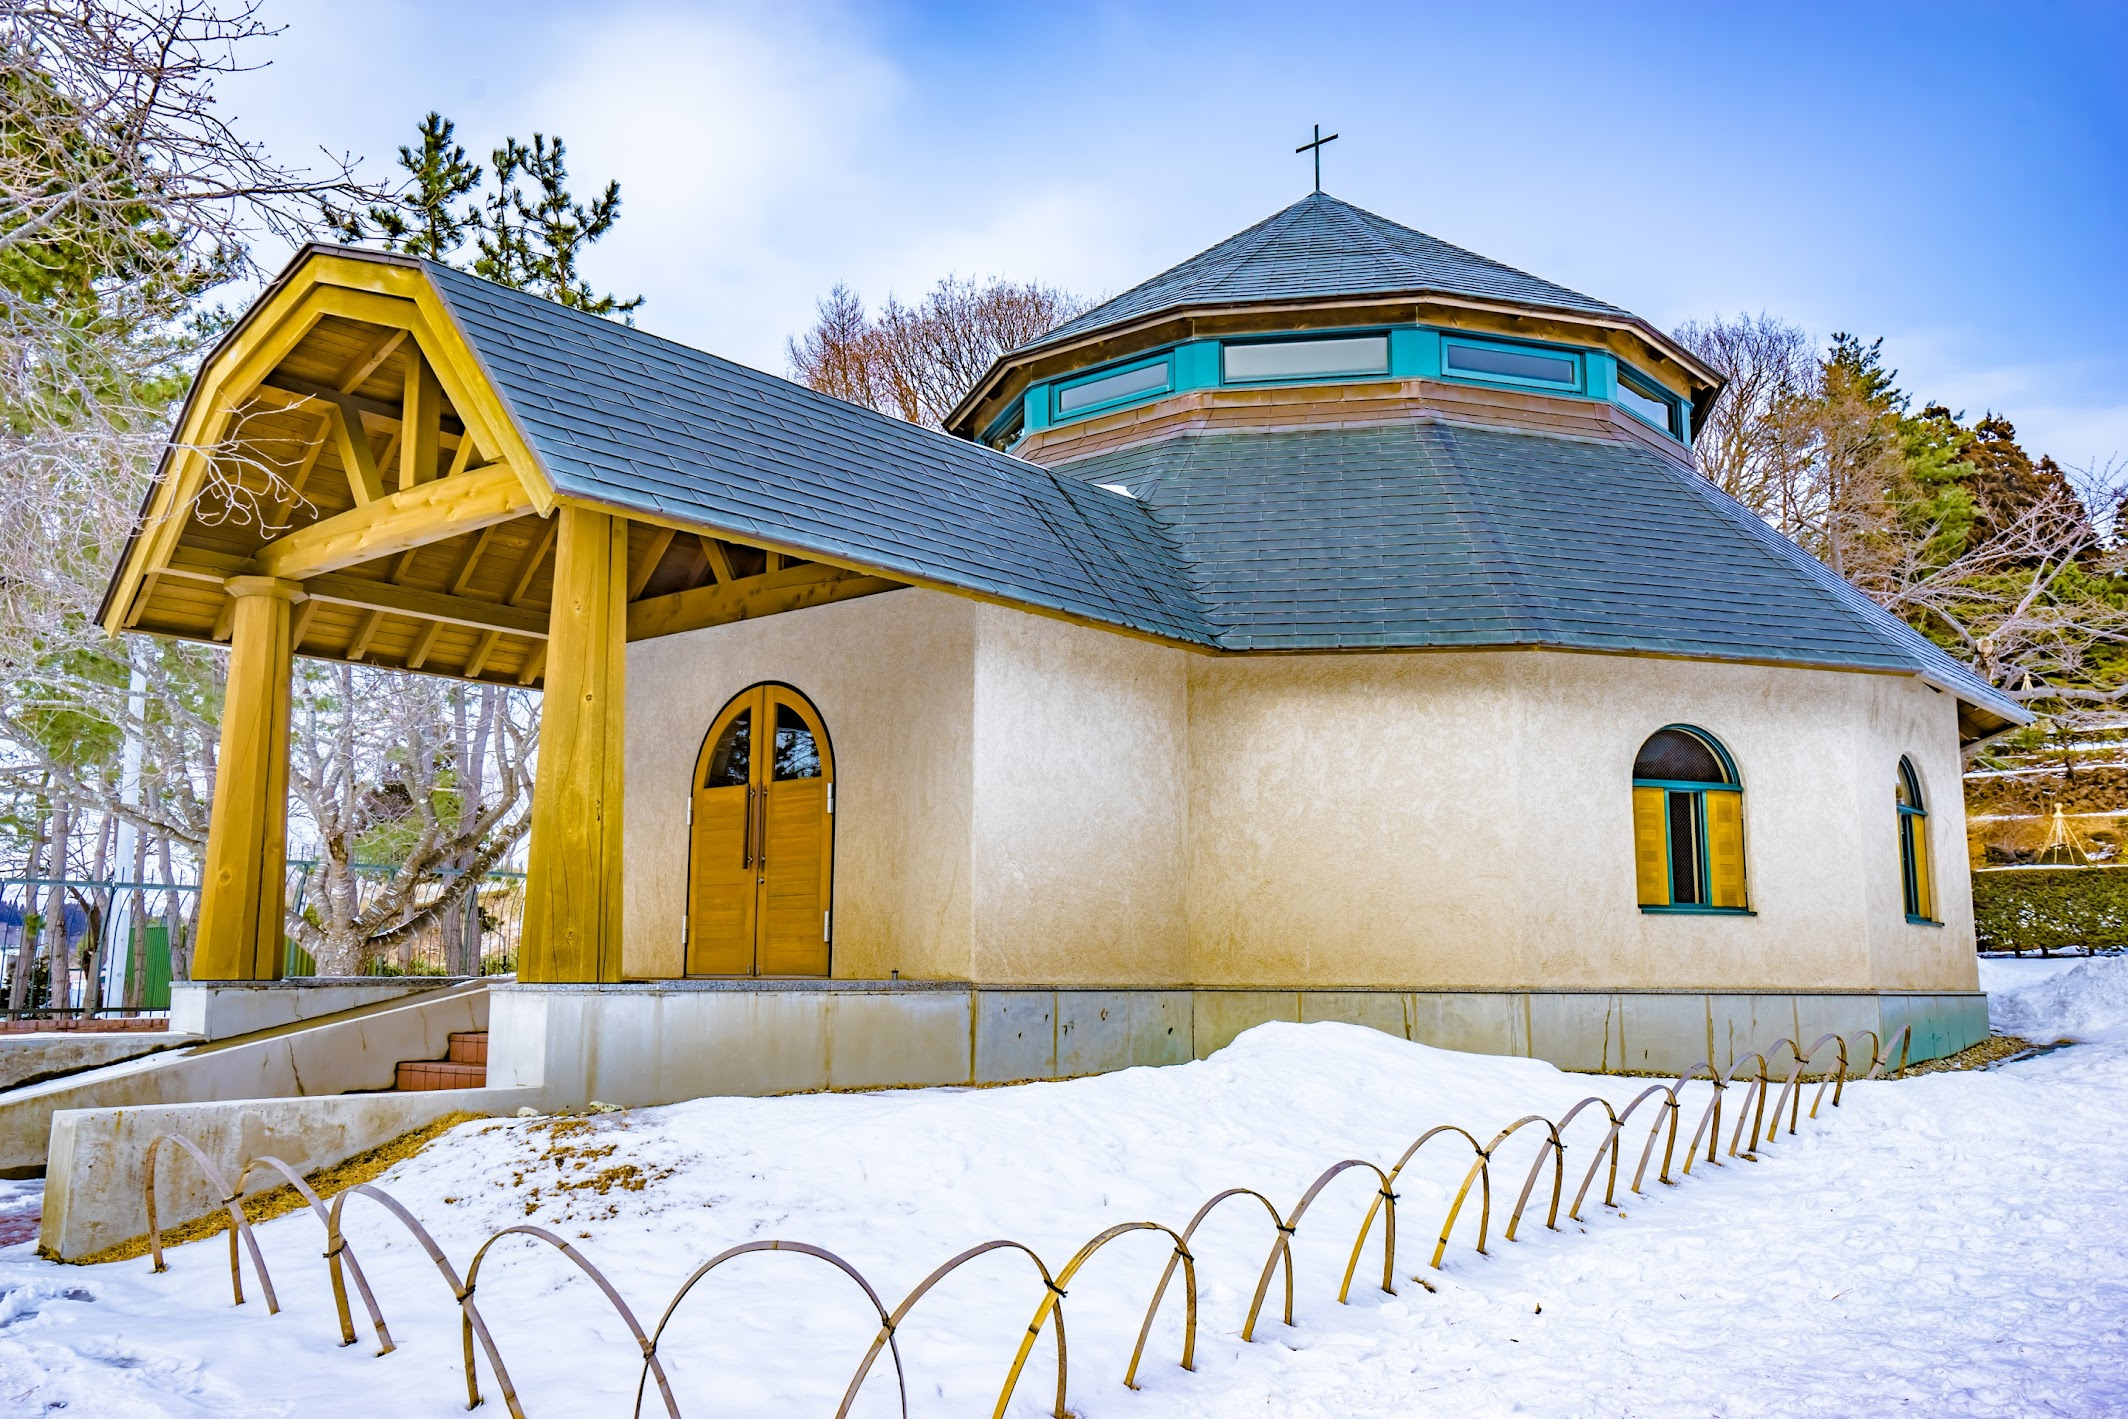 Hakodate Trappistine Convent2